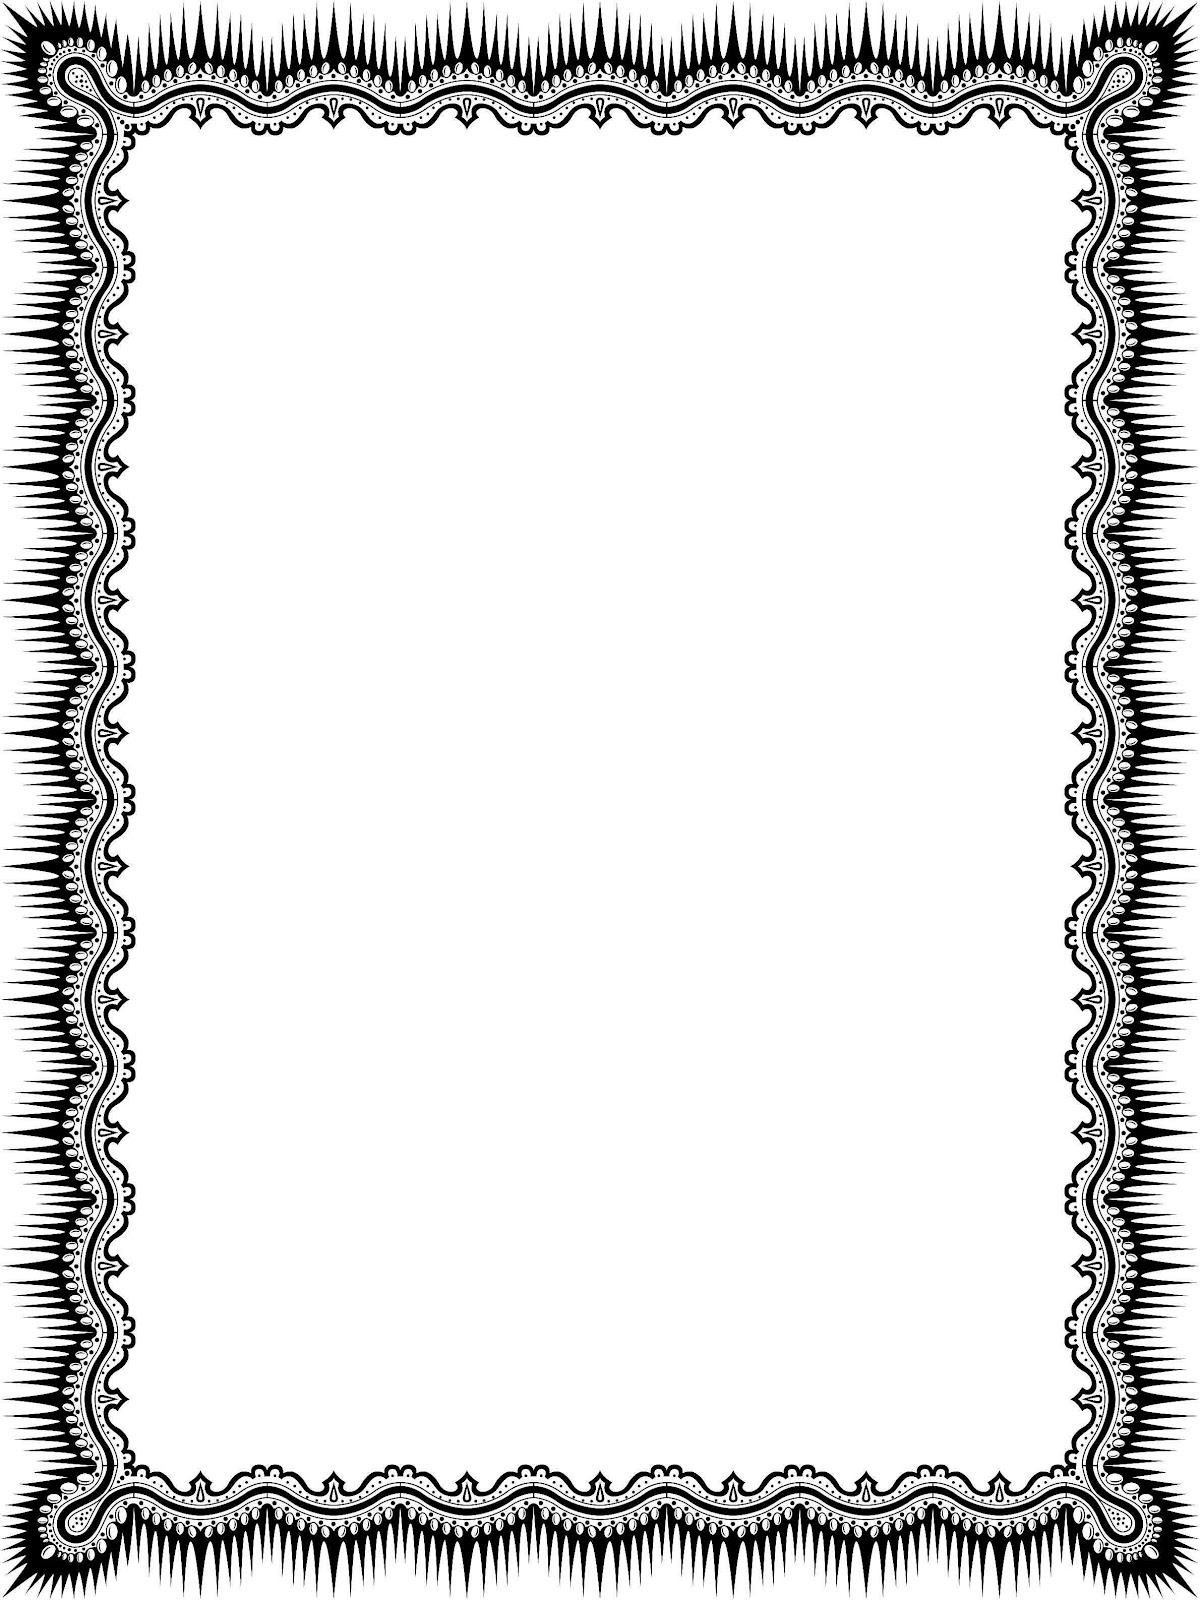 bingkai border piagam vector 5 banua sablon banua sablon